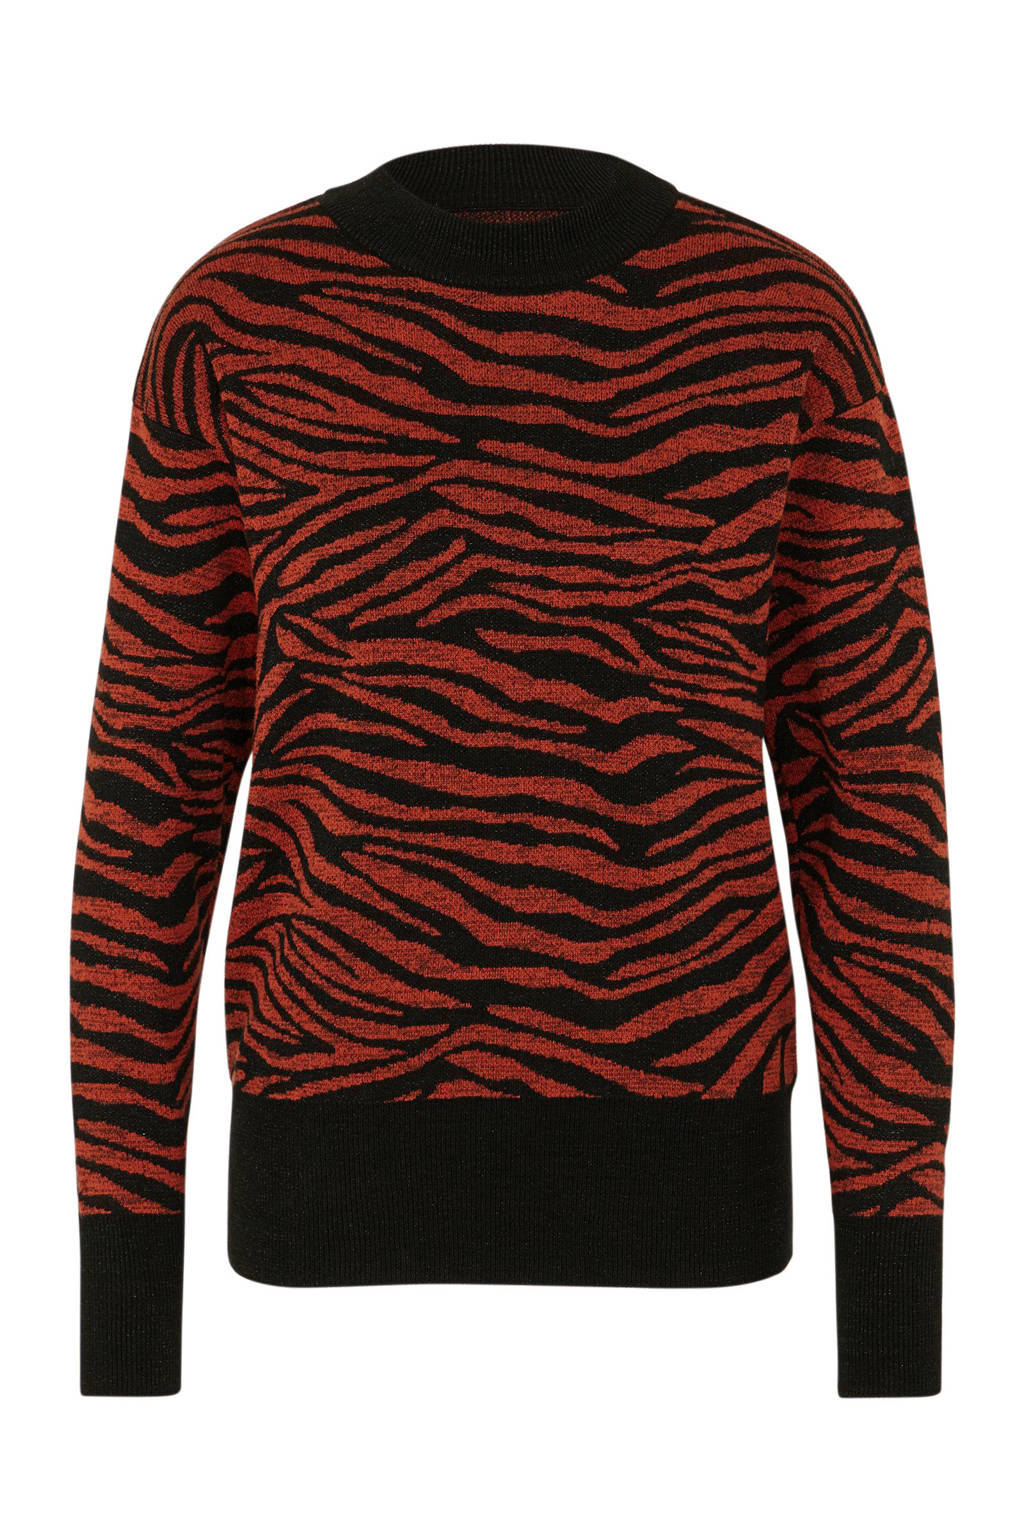 Kaffe glittertrui met zebraprint rood/zwart, Rood/zwart